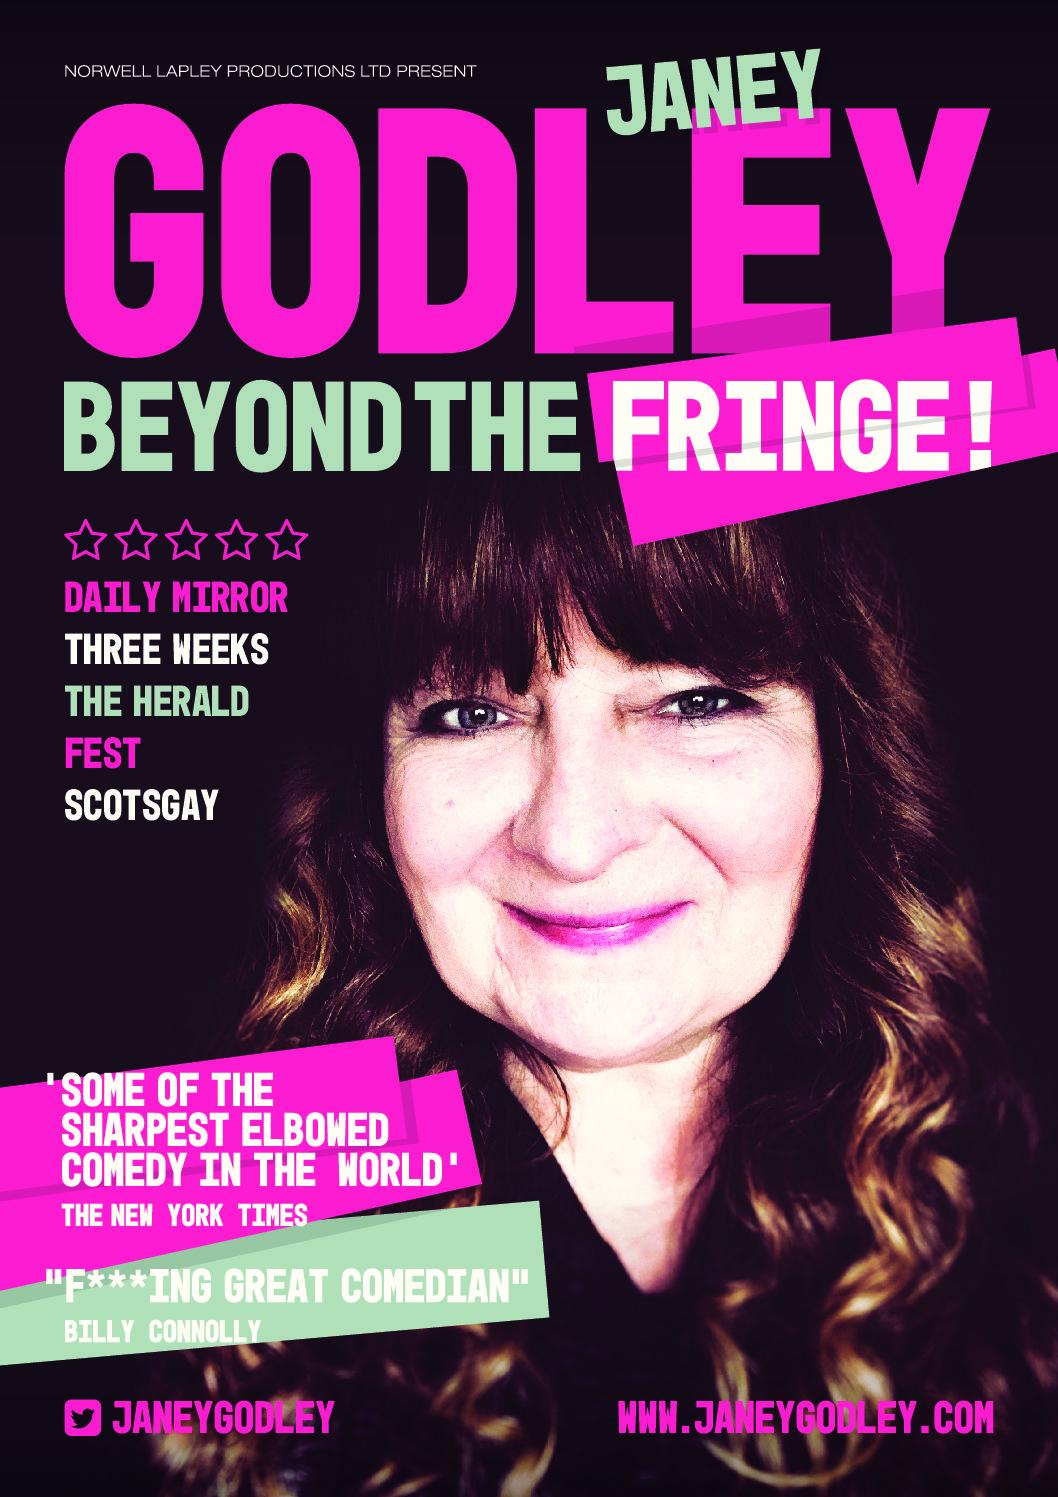 Janey Godley – Beyond The Fringe